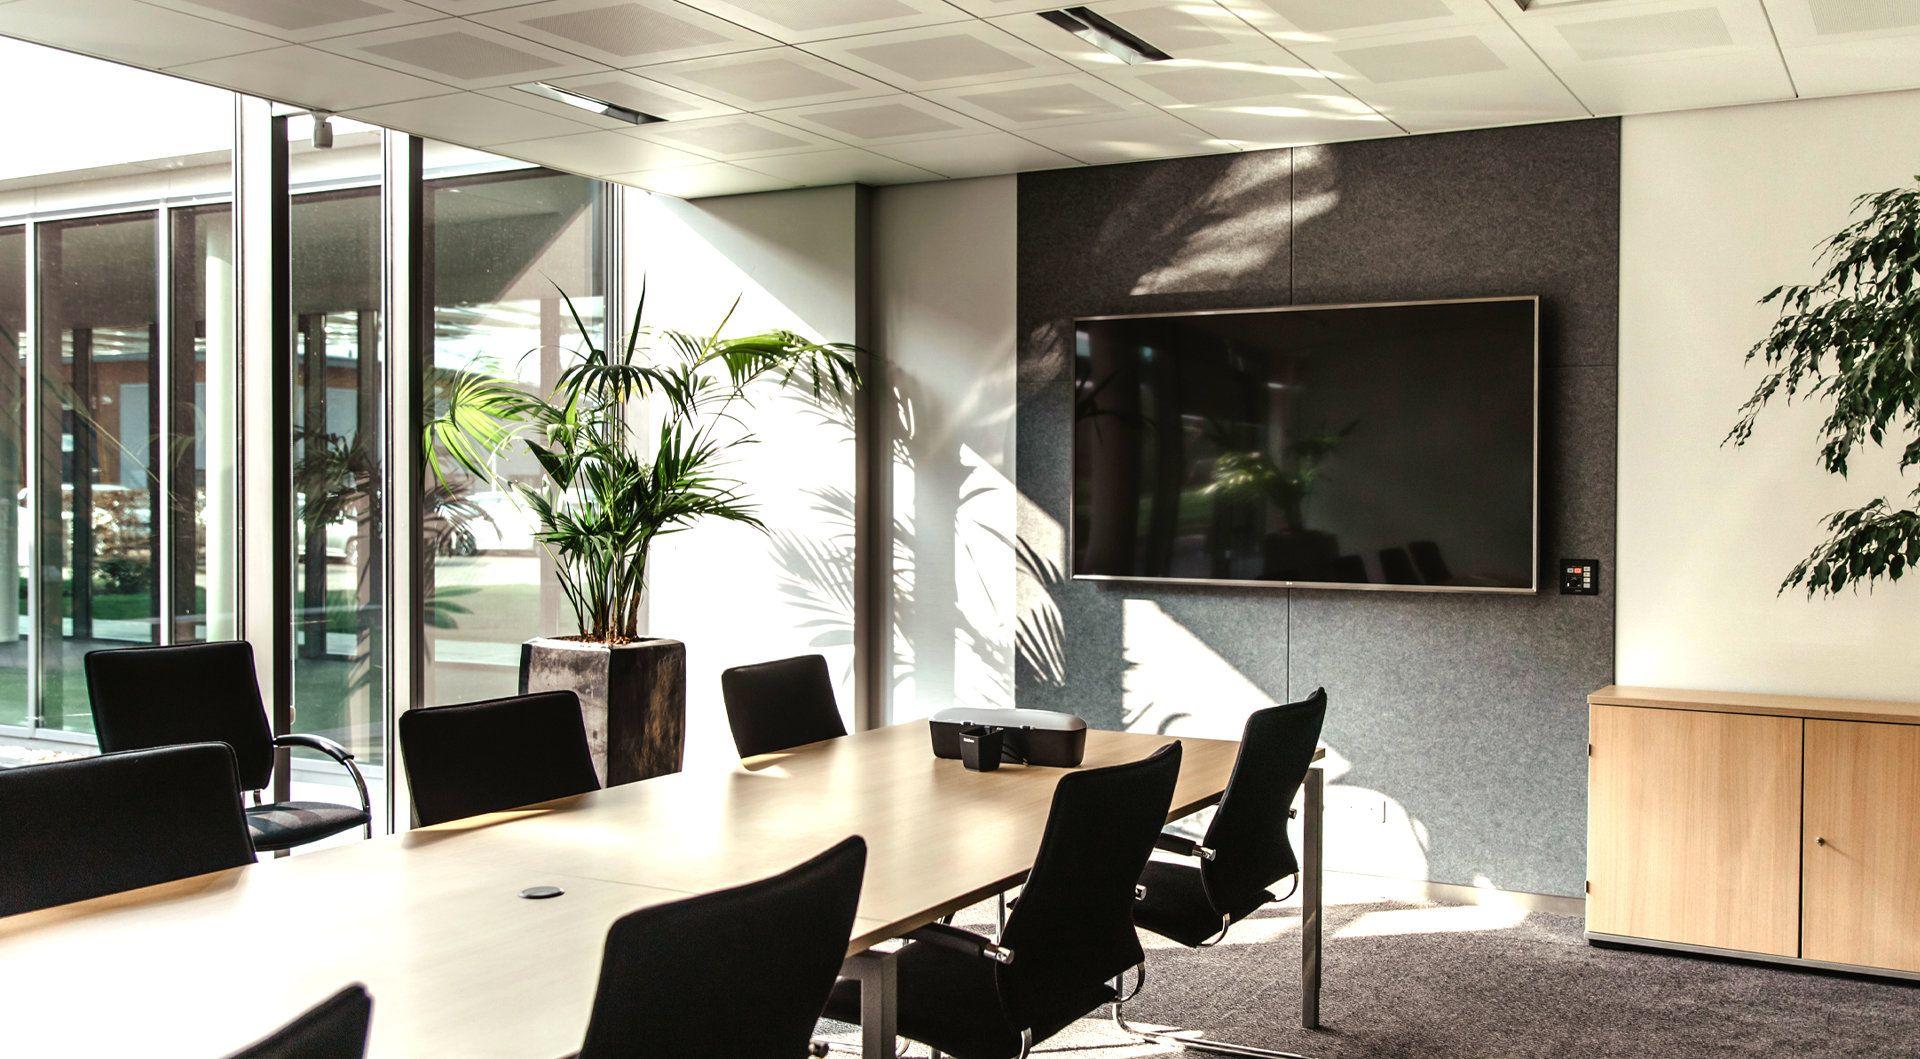 """ProDVX UW-37 94 cm (37"""") LCD Digitale signage flatscreen Zwart - Case studie de vries"""